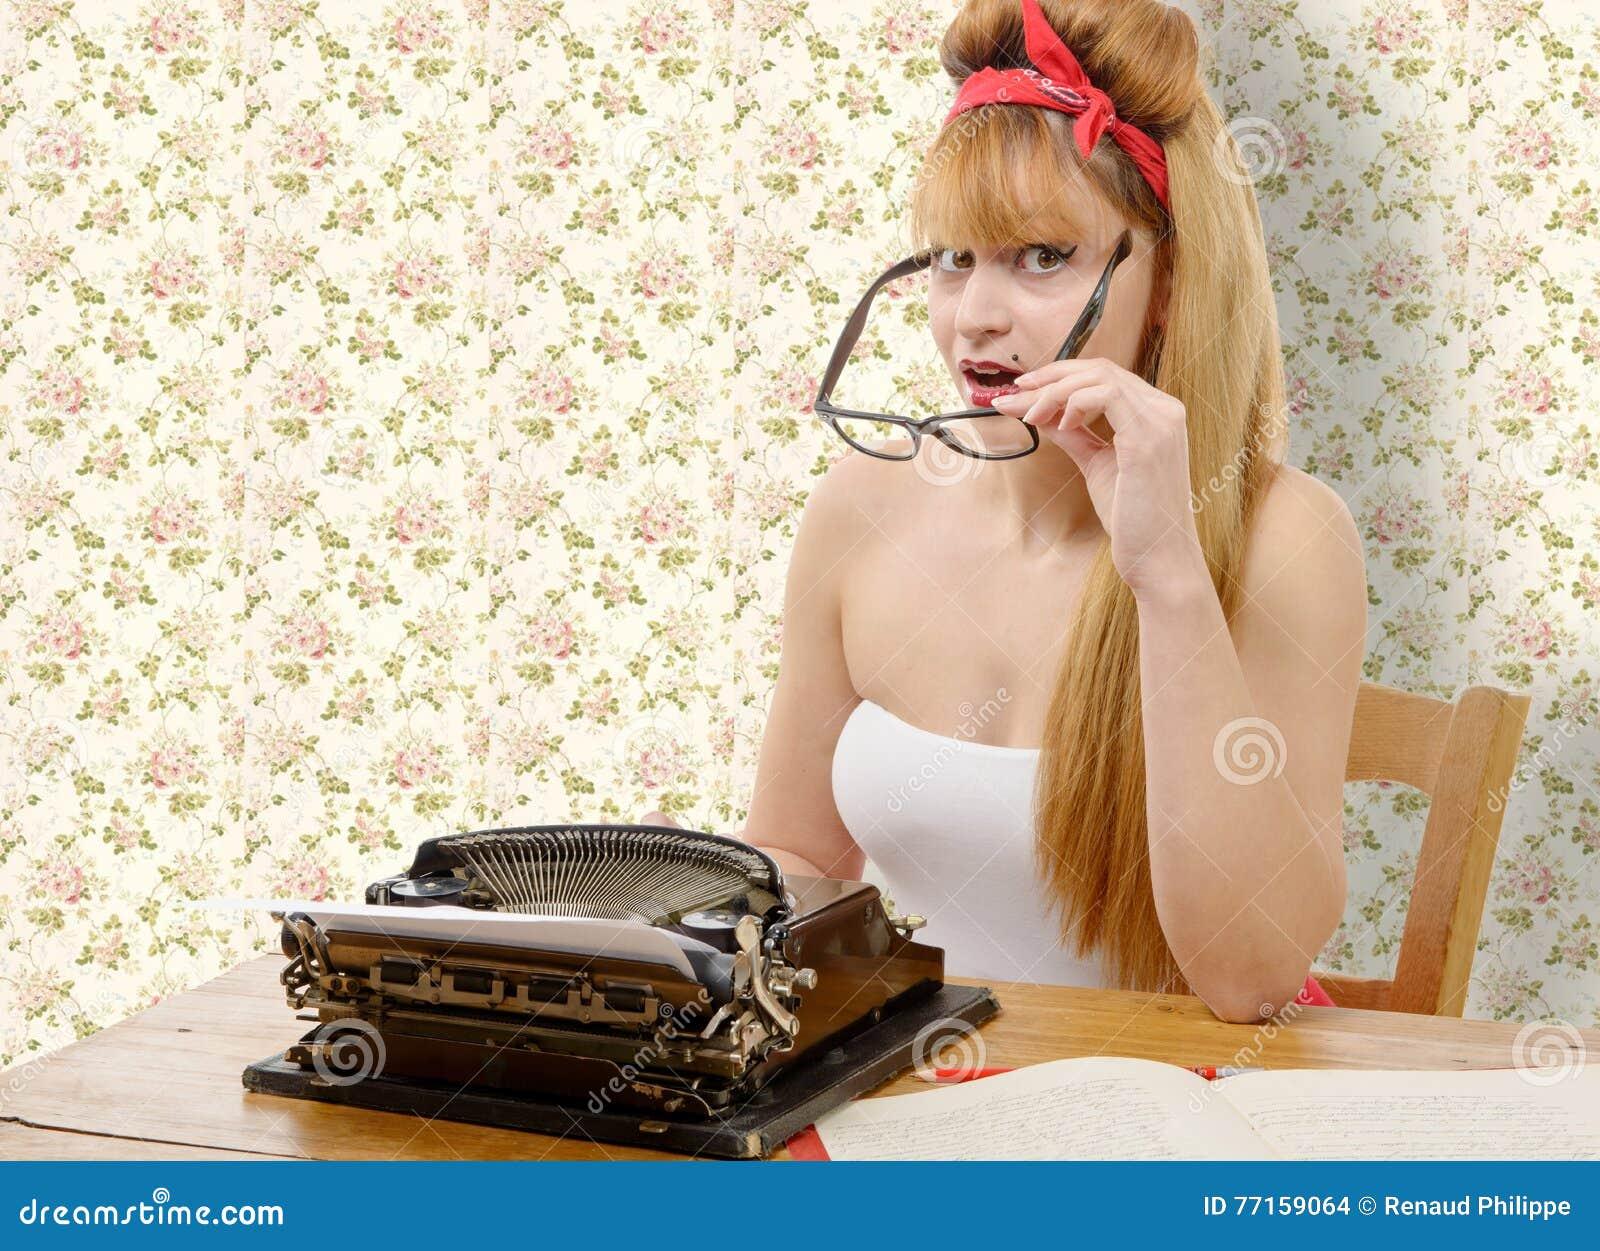 Fille de pin-up avec la vieille machine à écrire